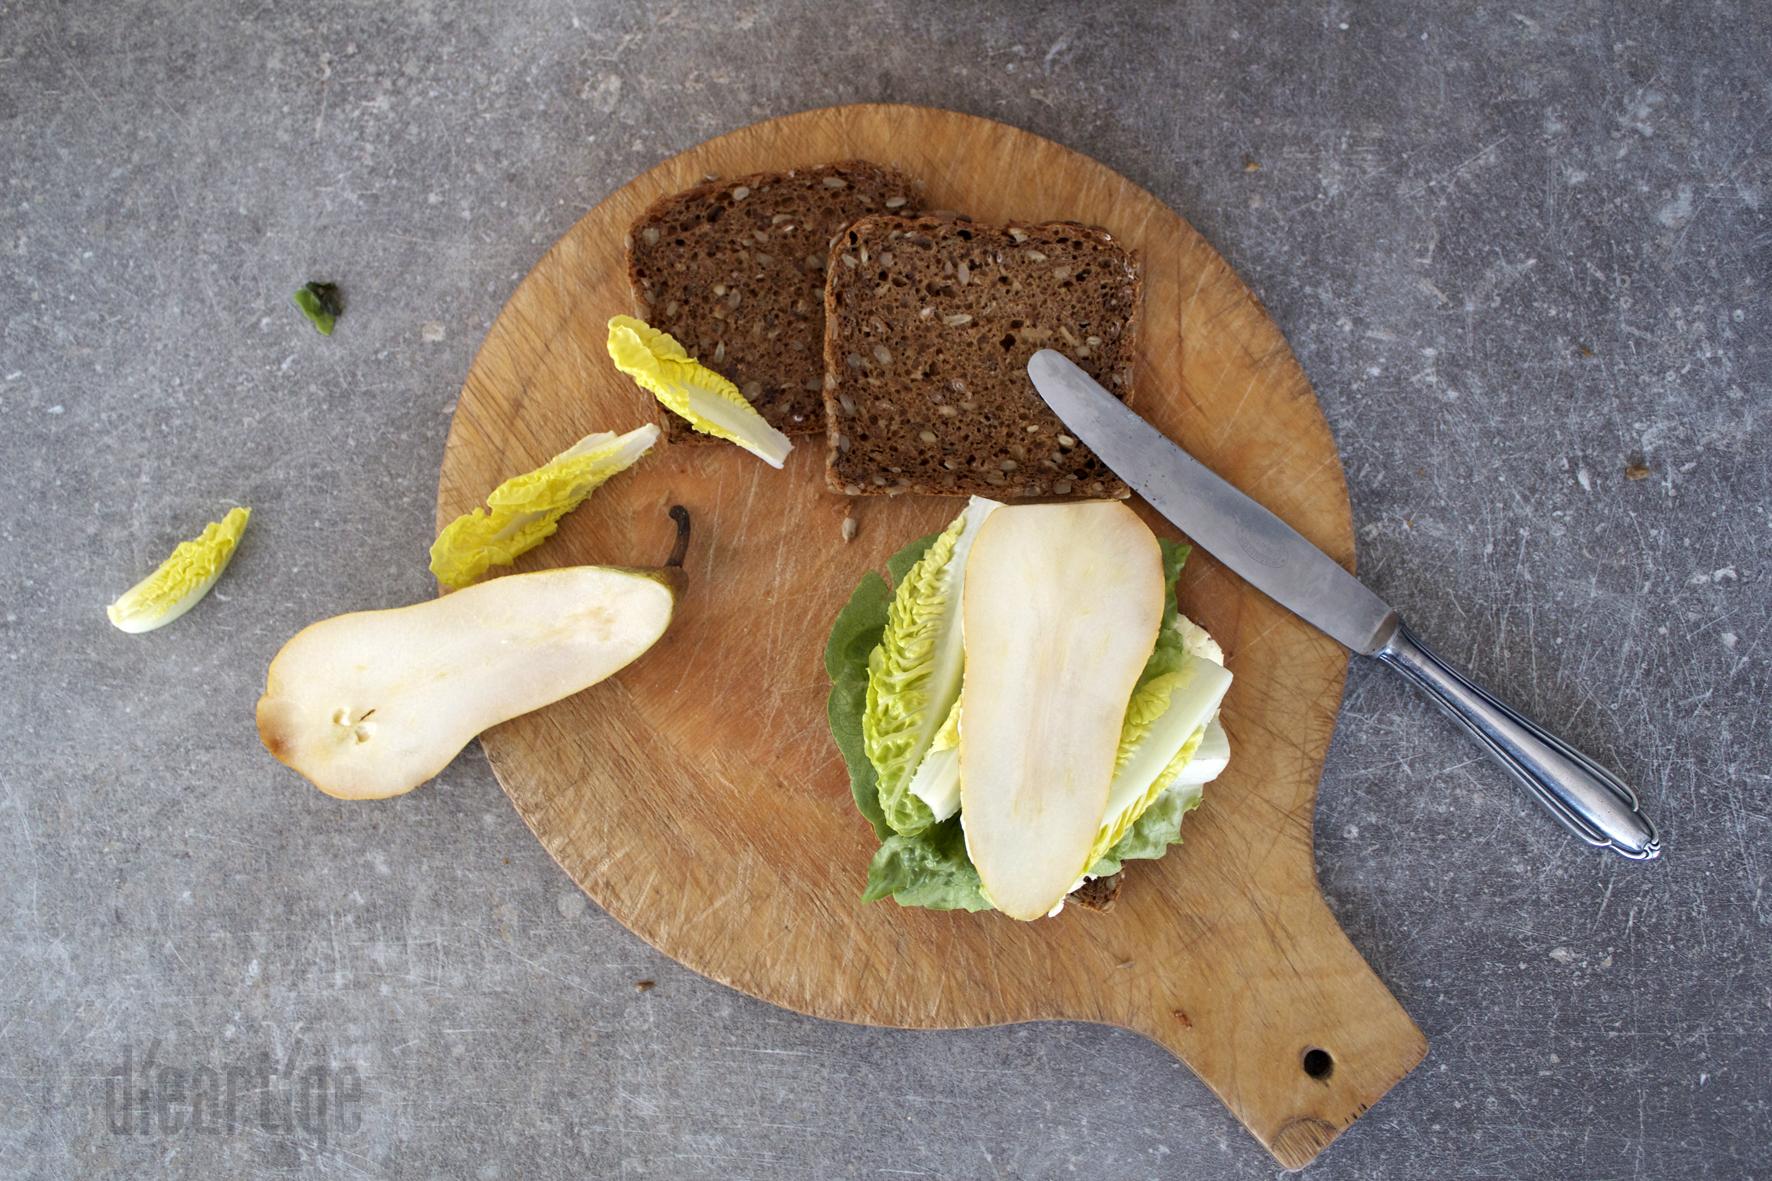 dieartigeBLOG - Sandwich mit La Ficelle + Birne | + Birne